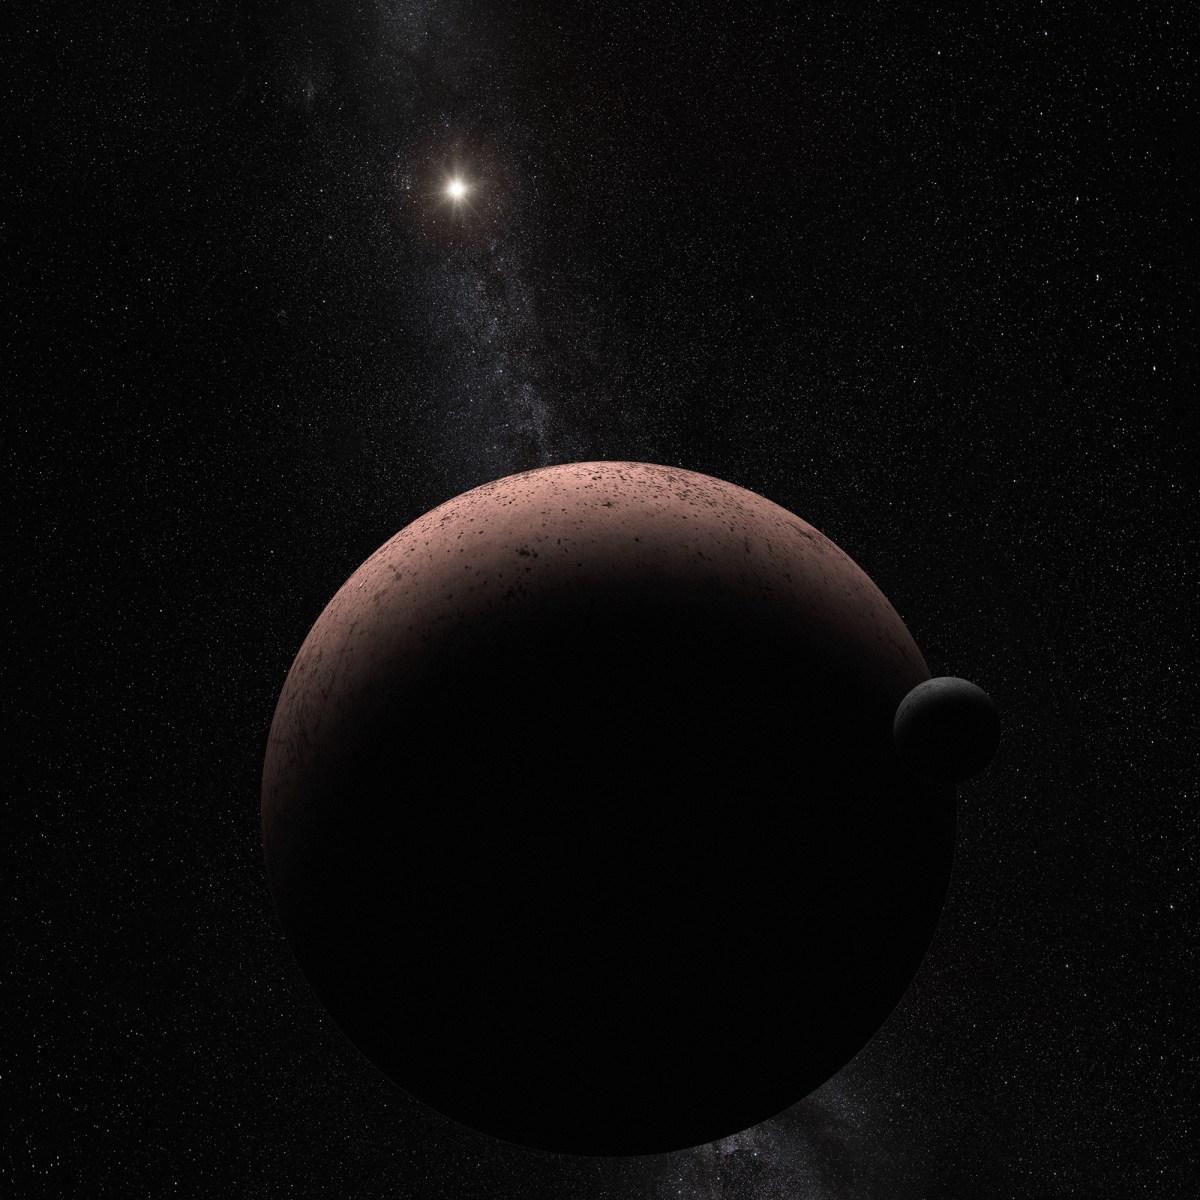 MK 2: Hubble revela uma lua orbitando o planeta anão Makemake